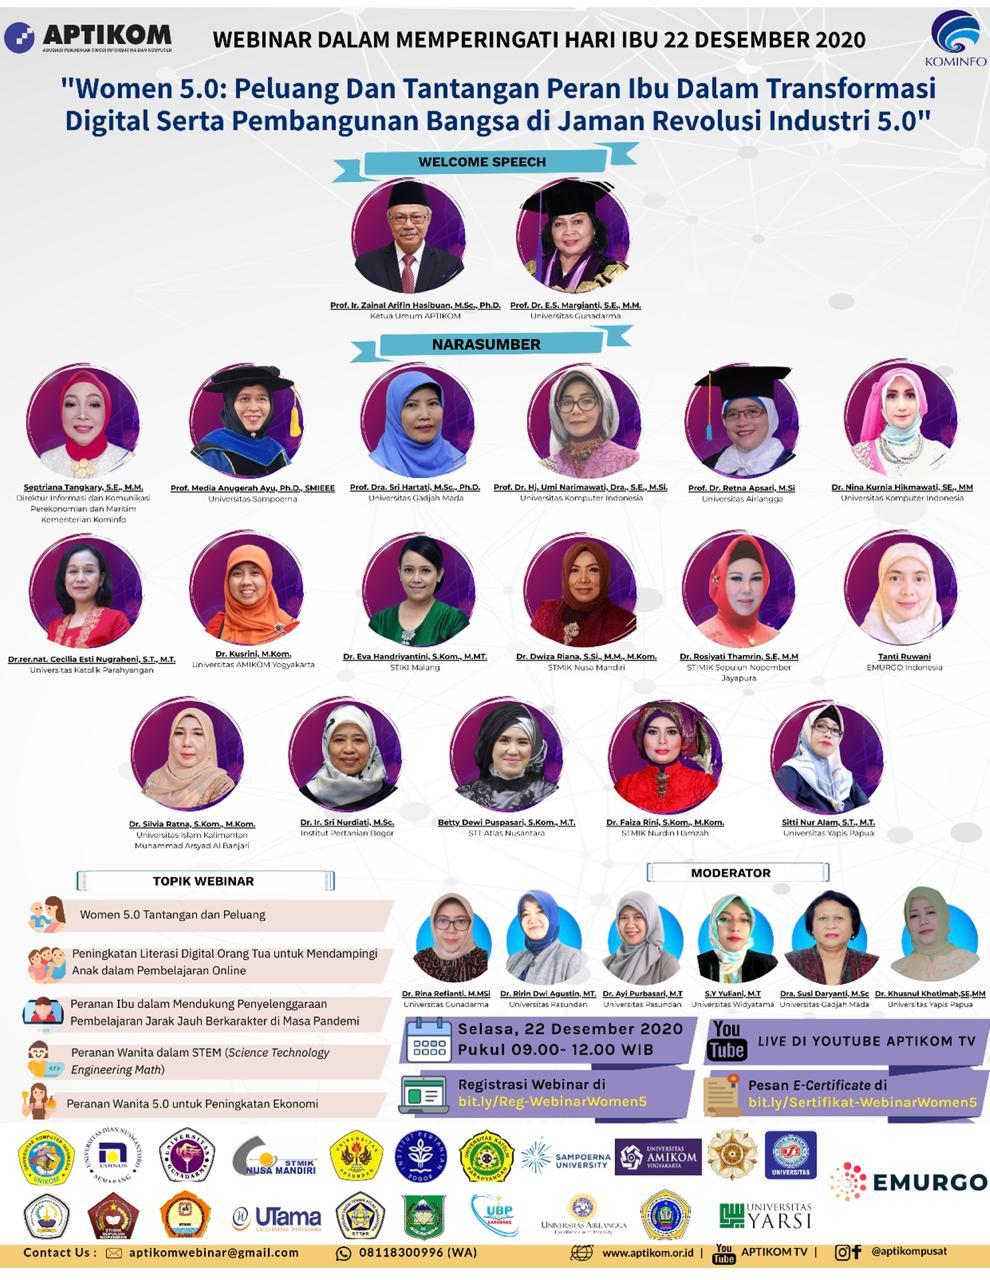 Webinar Memperingati Hari Ibu 22 Desember 2020